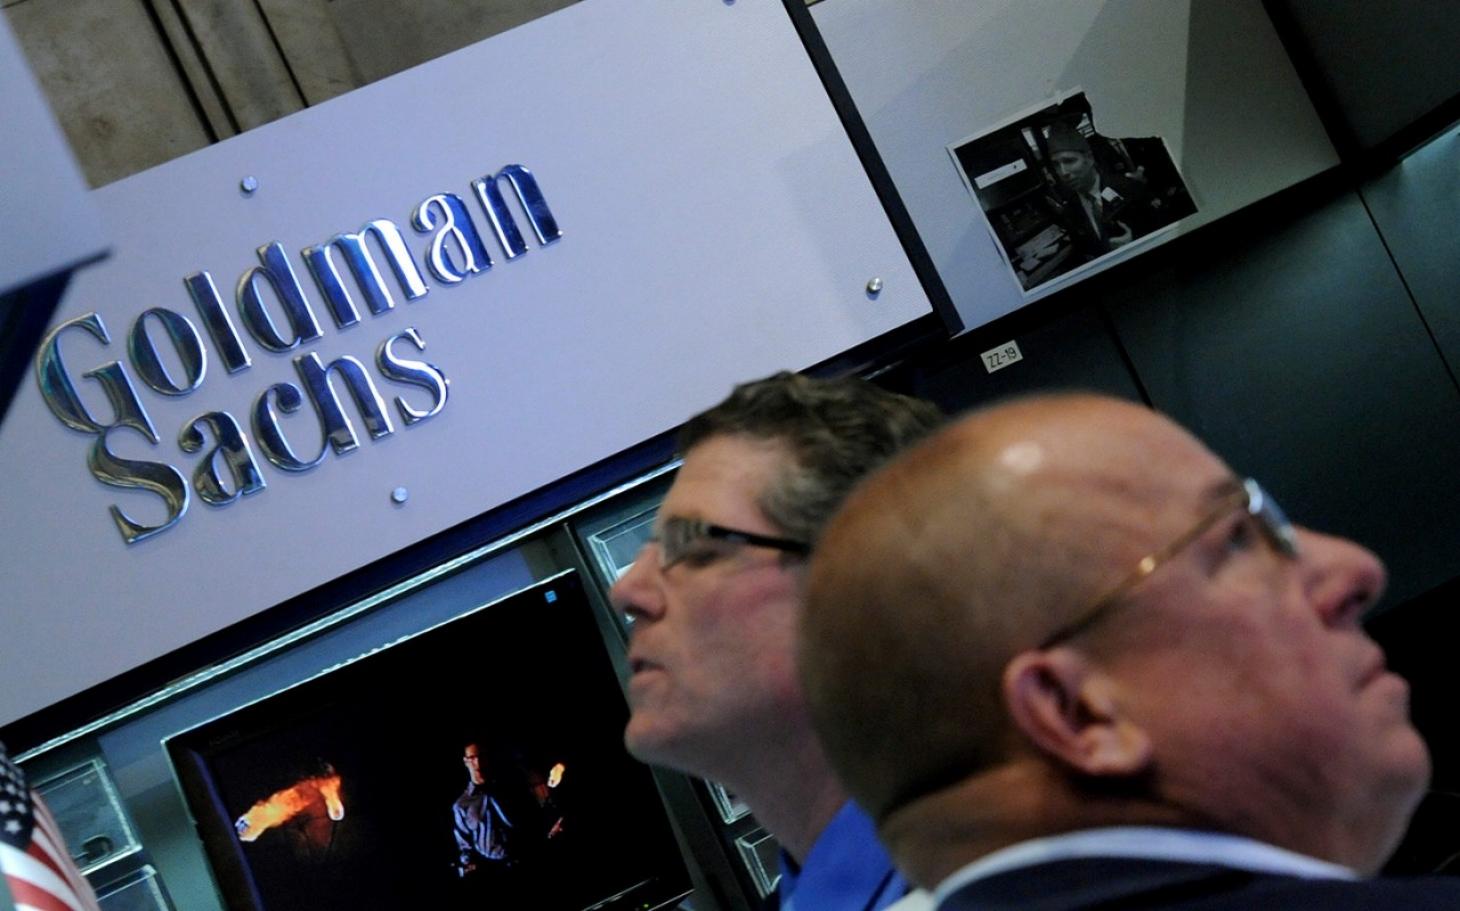 Goldman Sachs Settlement On Bonds To Hit Earnings Al